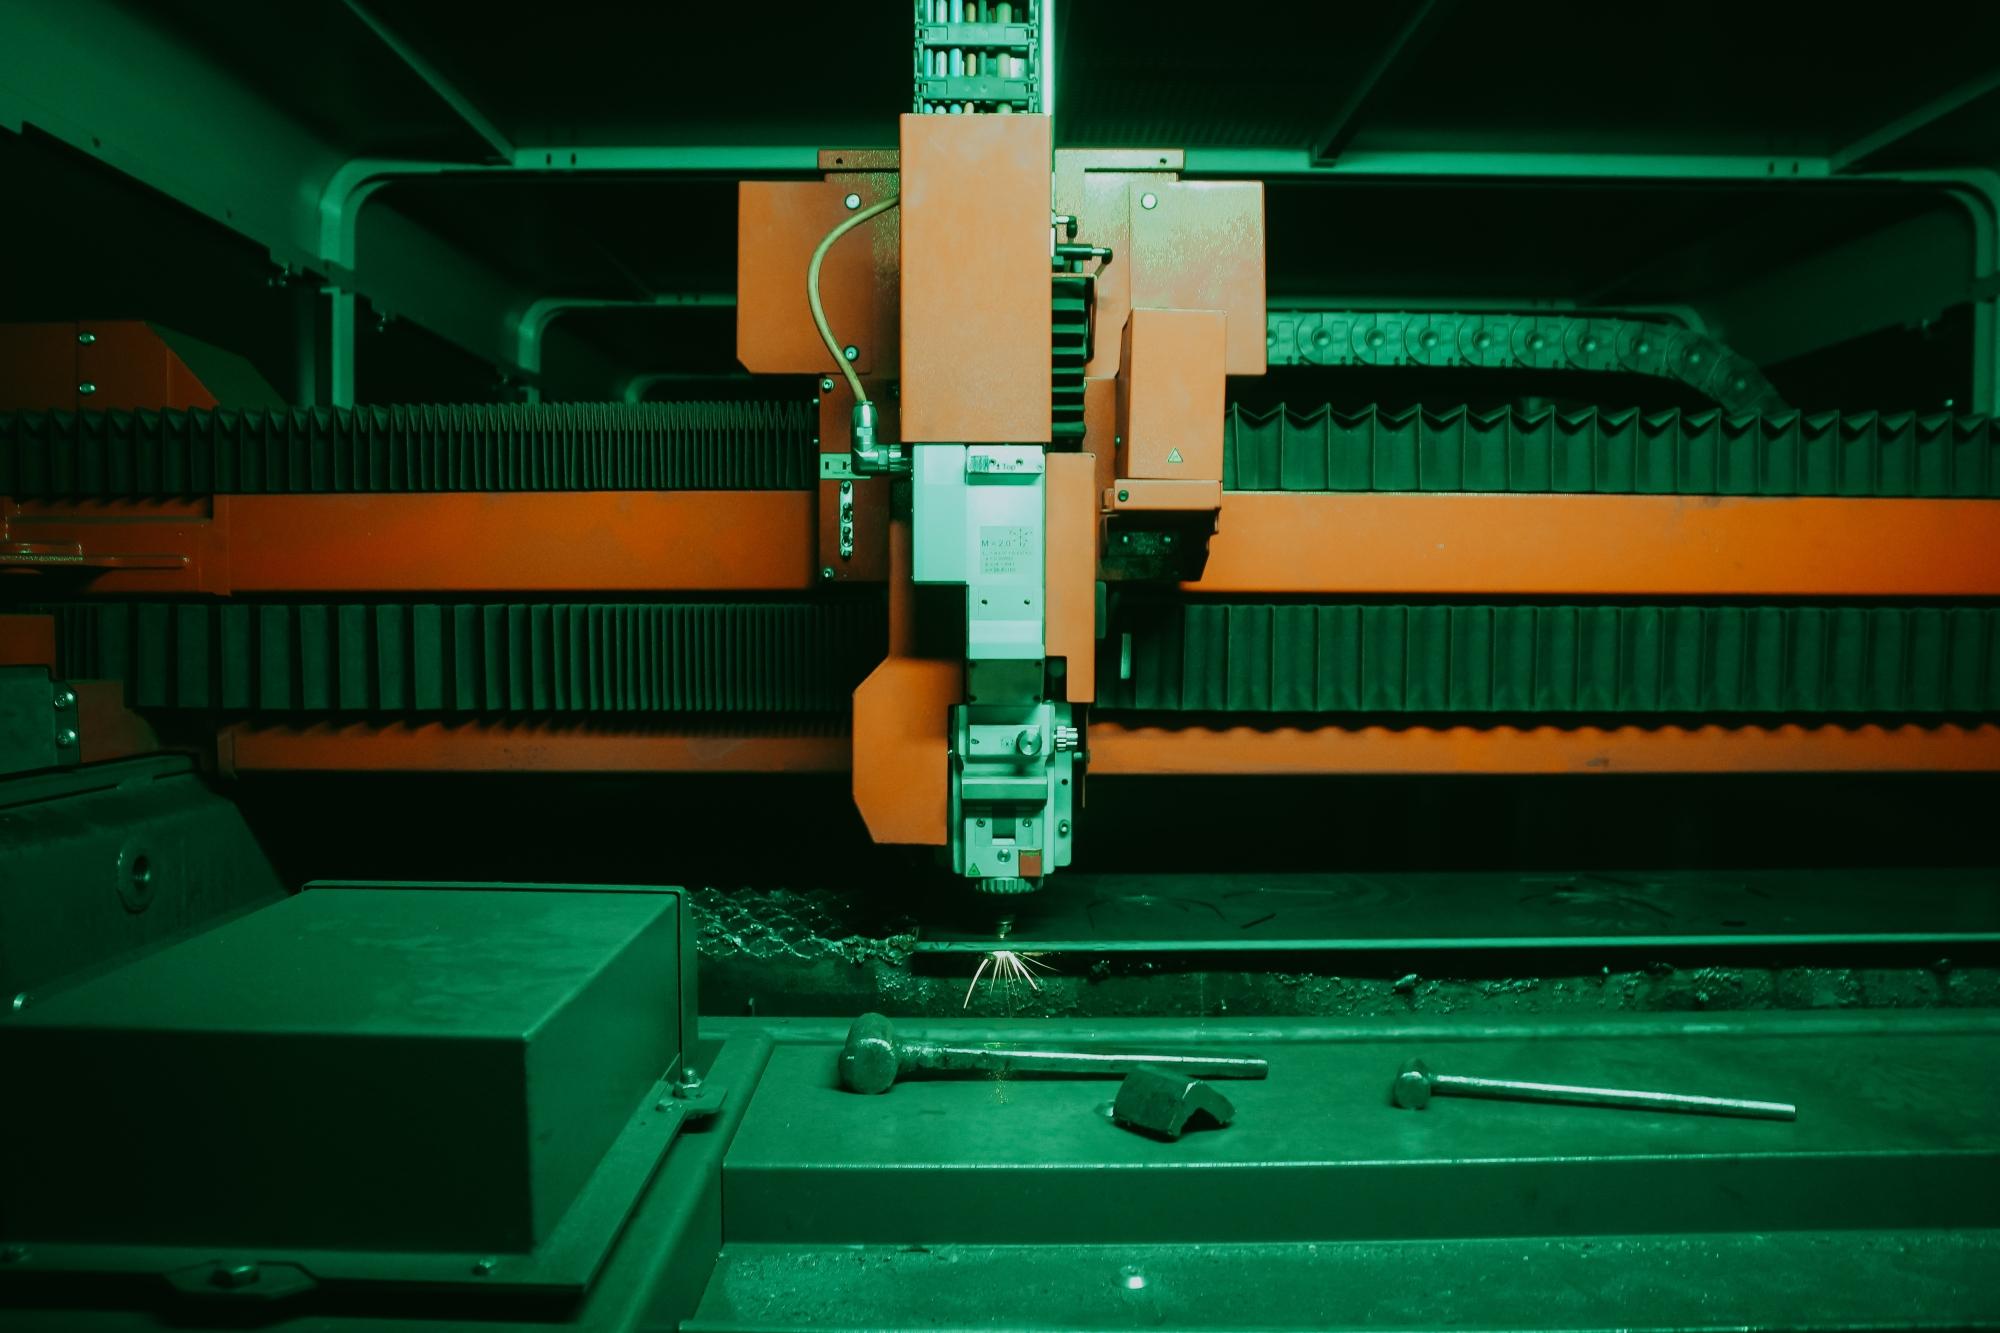 Debitarea precisă a unei coale de tablă prin intermediul laserului.